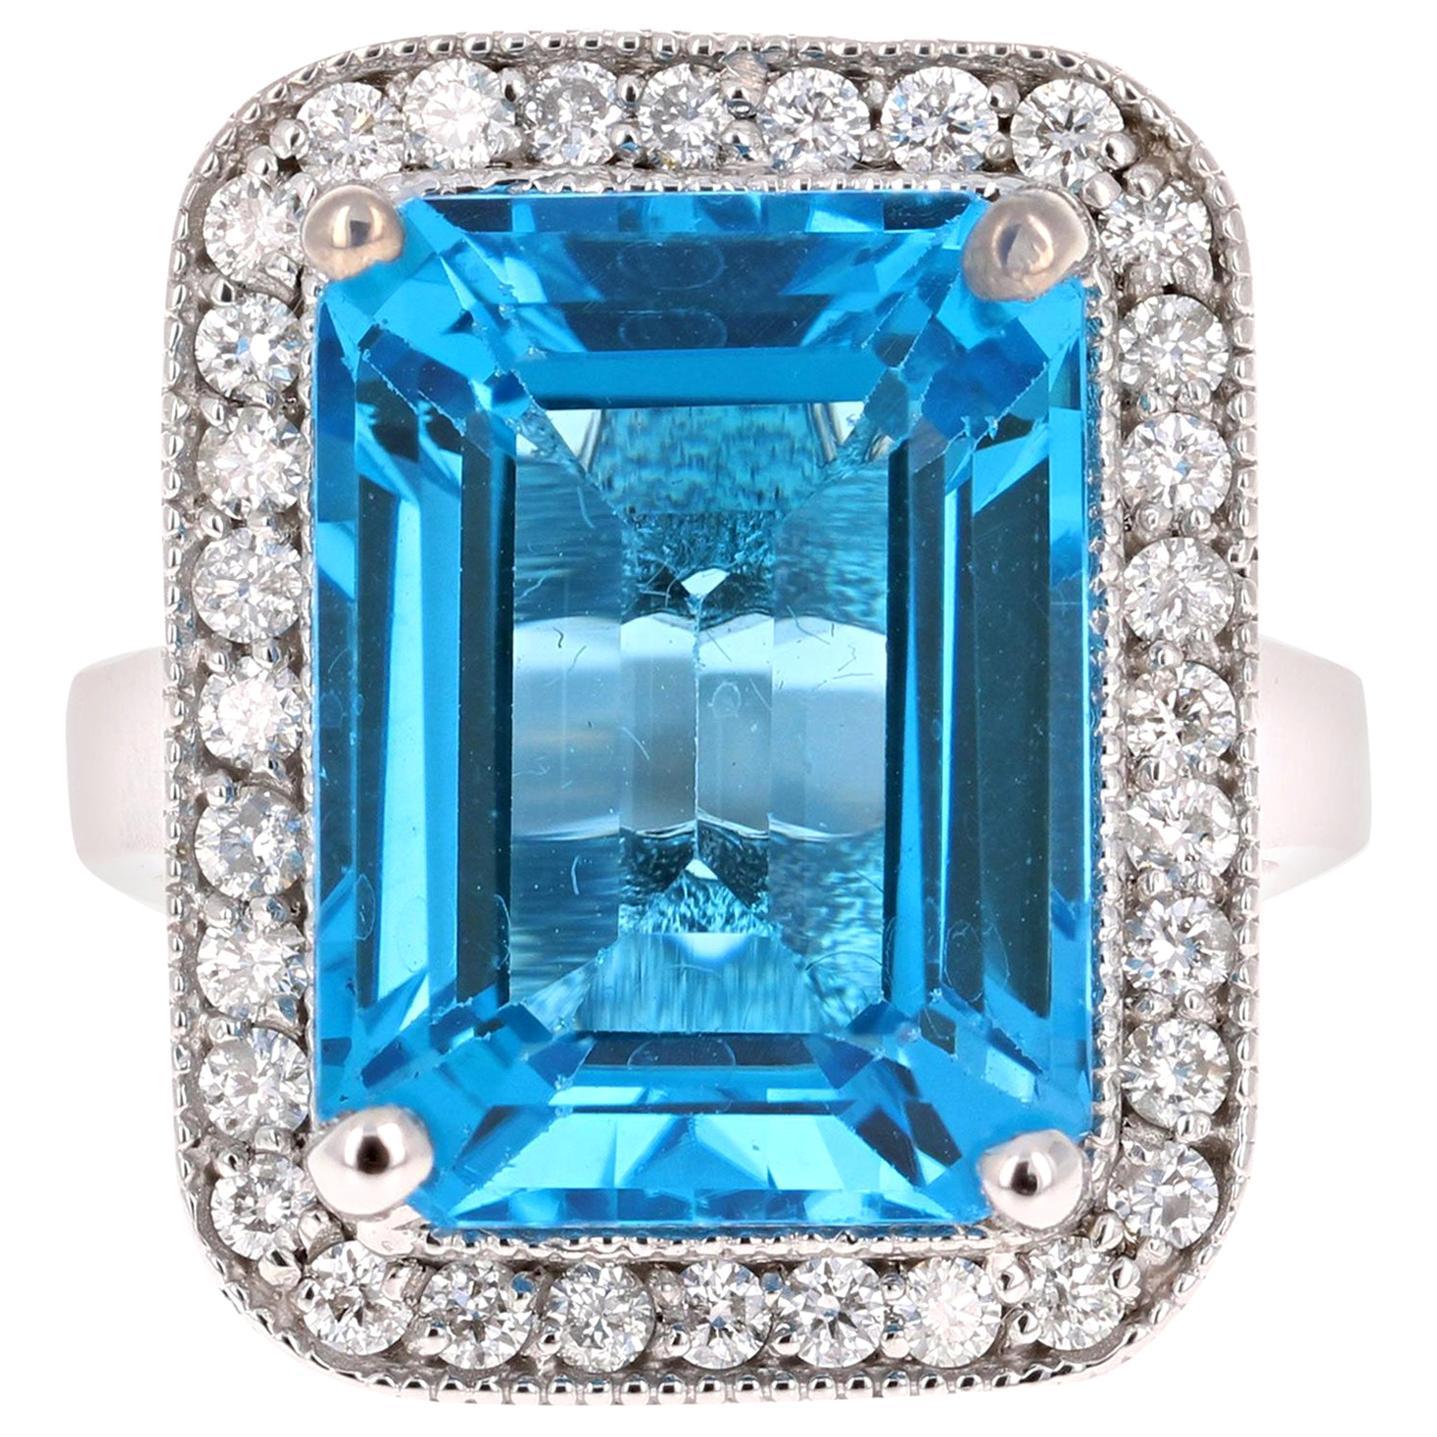 15.05 Carat Blue Topaz Diamond 14 Karat White Gold Cocktail Ring